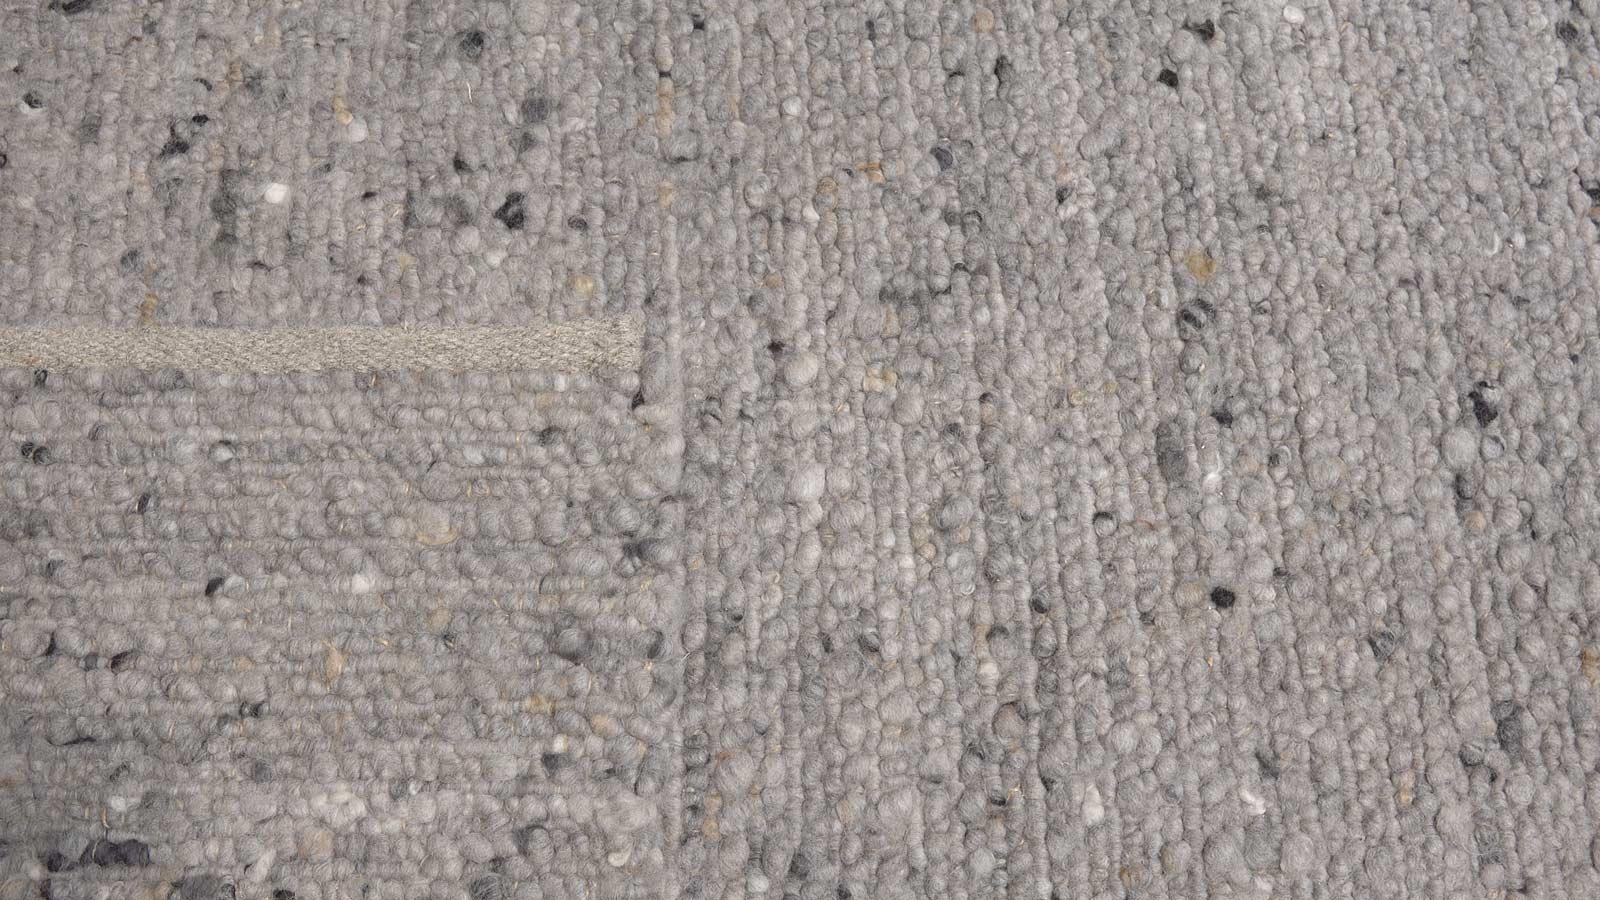 athmos-collection-design-tapijt-moderne-tapijten-handgeweven-design-exclusieve-luxe-vloerkleden-charcoal-grijs-antraciet-koreman-maastricht-03526-hoek2.jpg